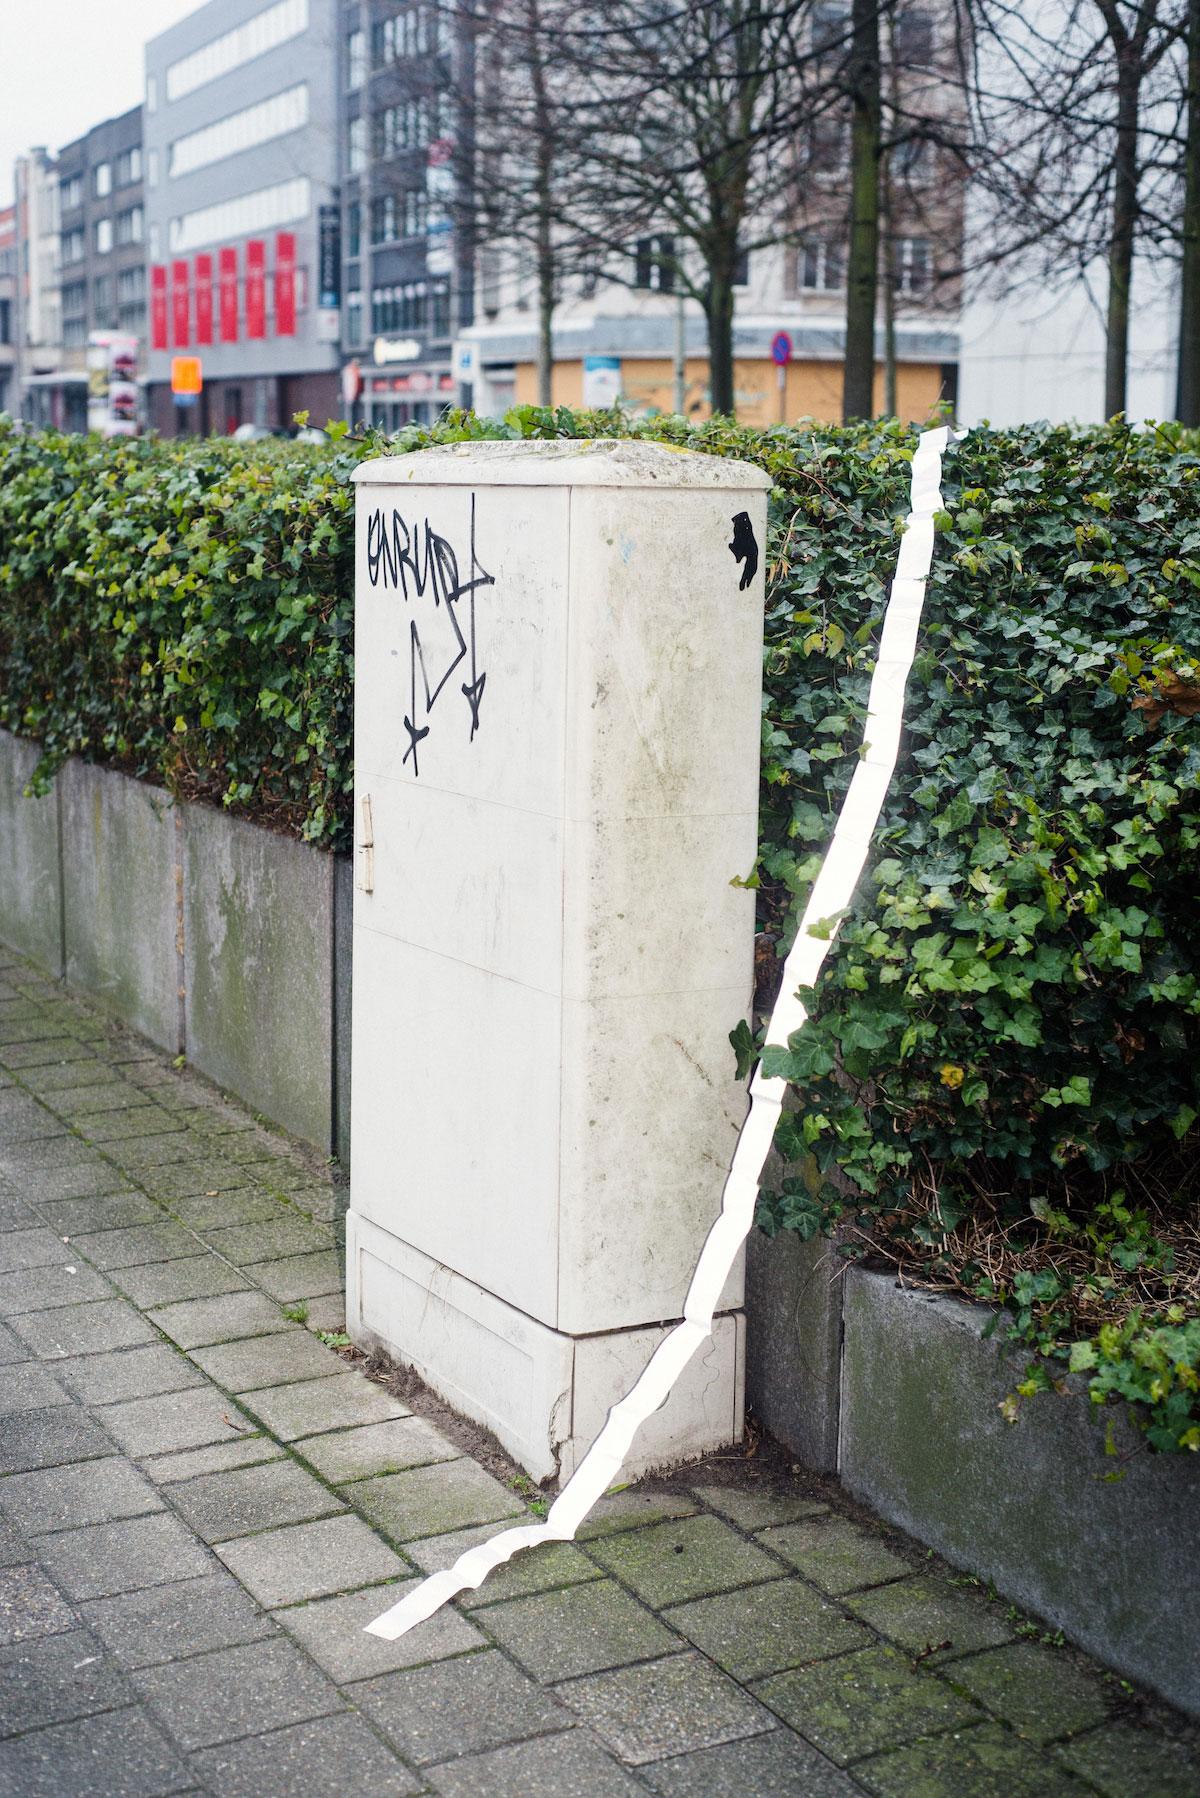 Photo de Nicolas Melemis symbolisant la notion de frontière par la disposition aléatoire, dans l'espace urbain, de bandes réfléchissantes parfois utilisées pour marquer les frontières entre les États